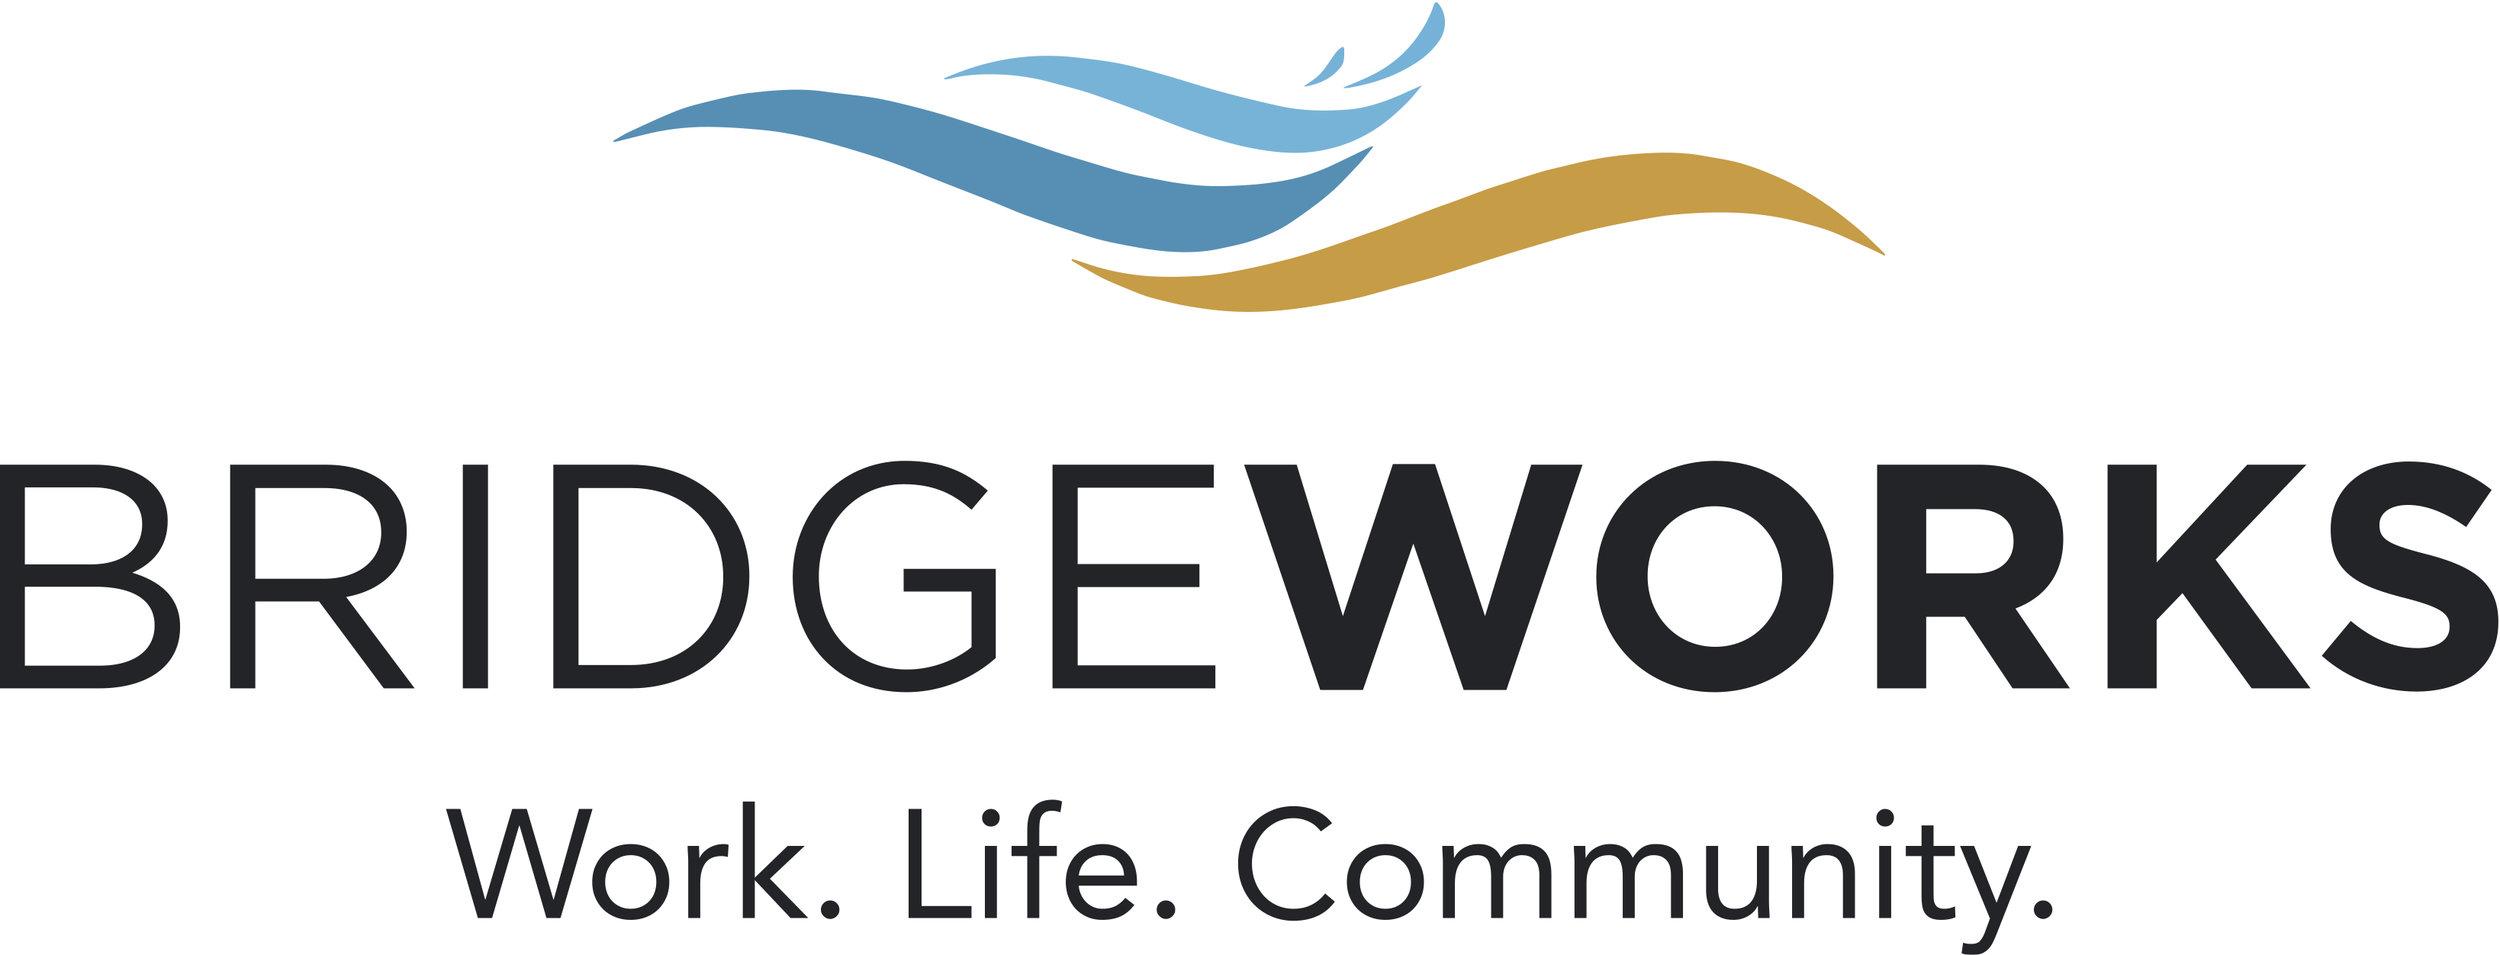 Bridgeworks-logo-vector.jpg